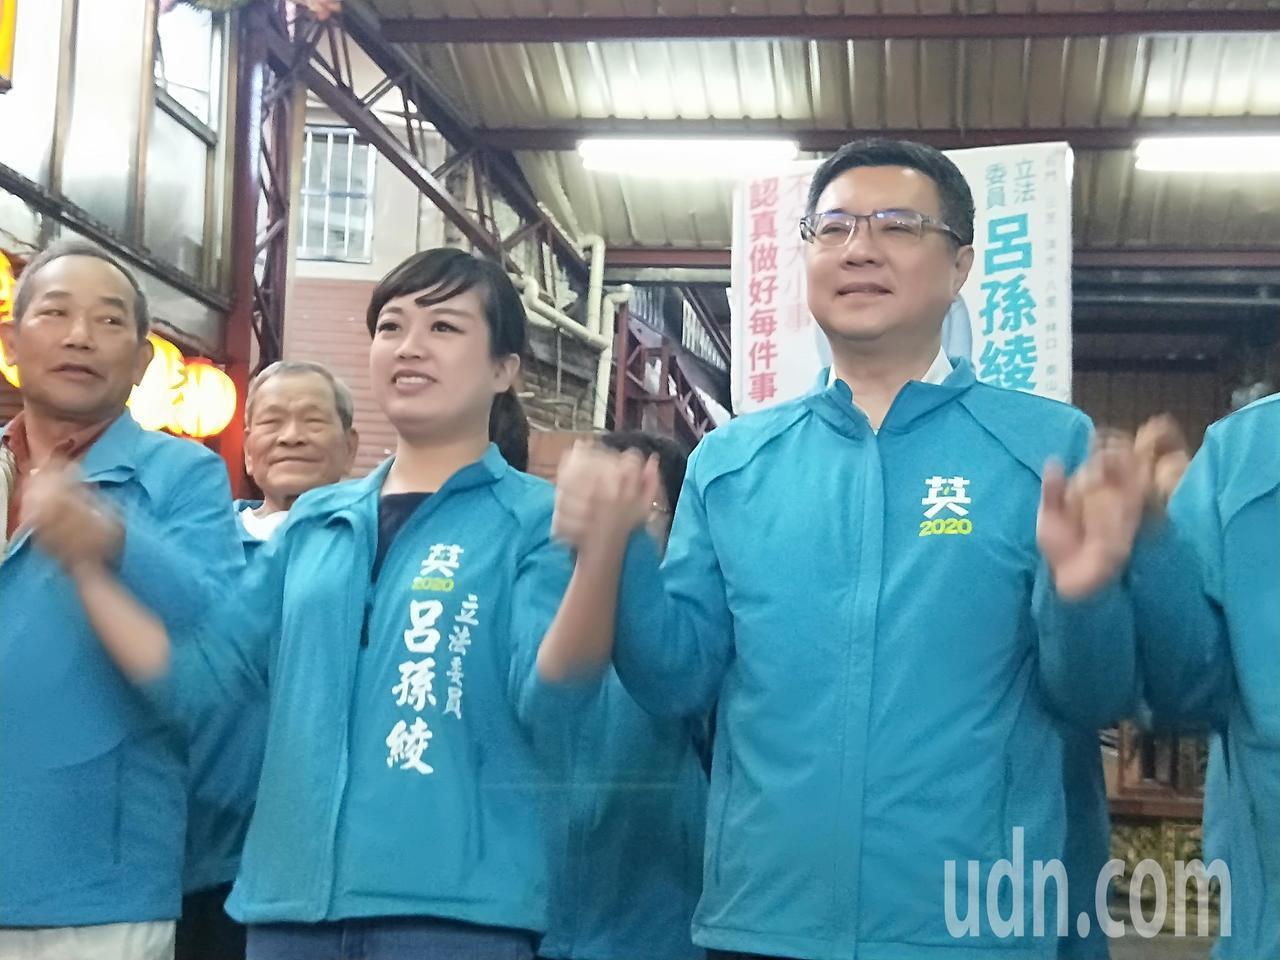 民進黨主席卓榮泰認為韓國瑜刻意挑起對立,張善政昨晚應徹夜難眠。記者施鴻基/攝影